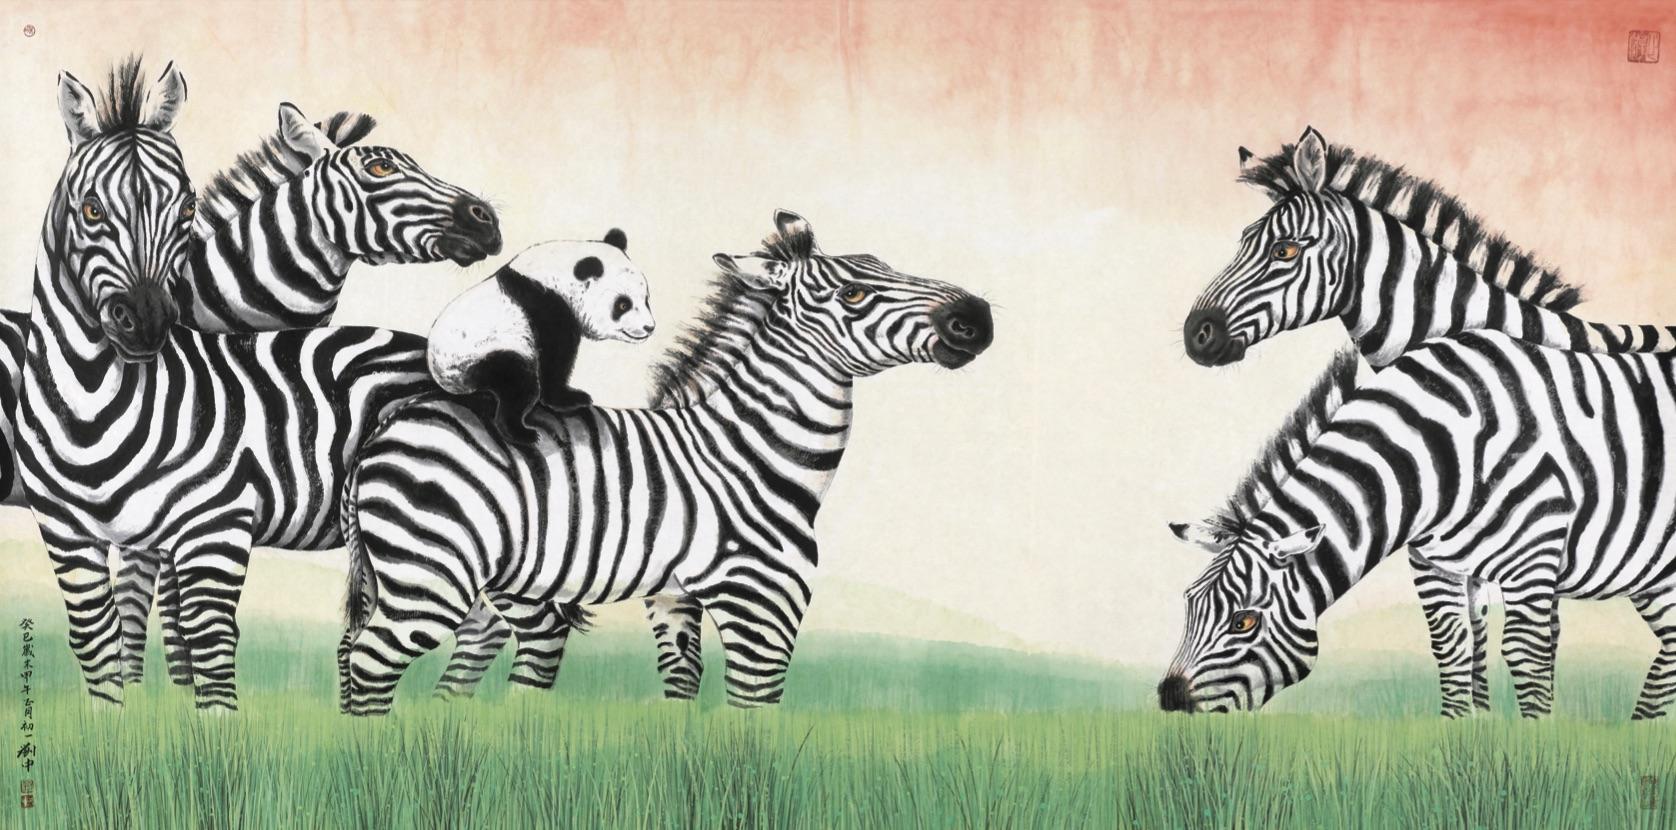 ⻢上雄风 Panda On A Zebra 2014